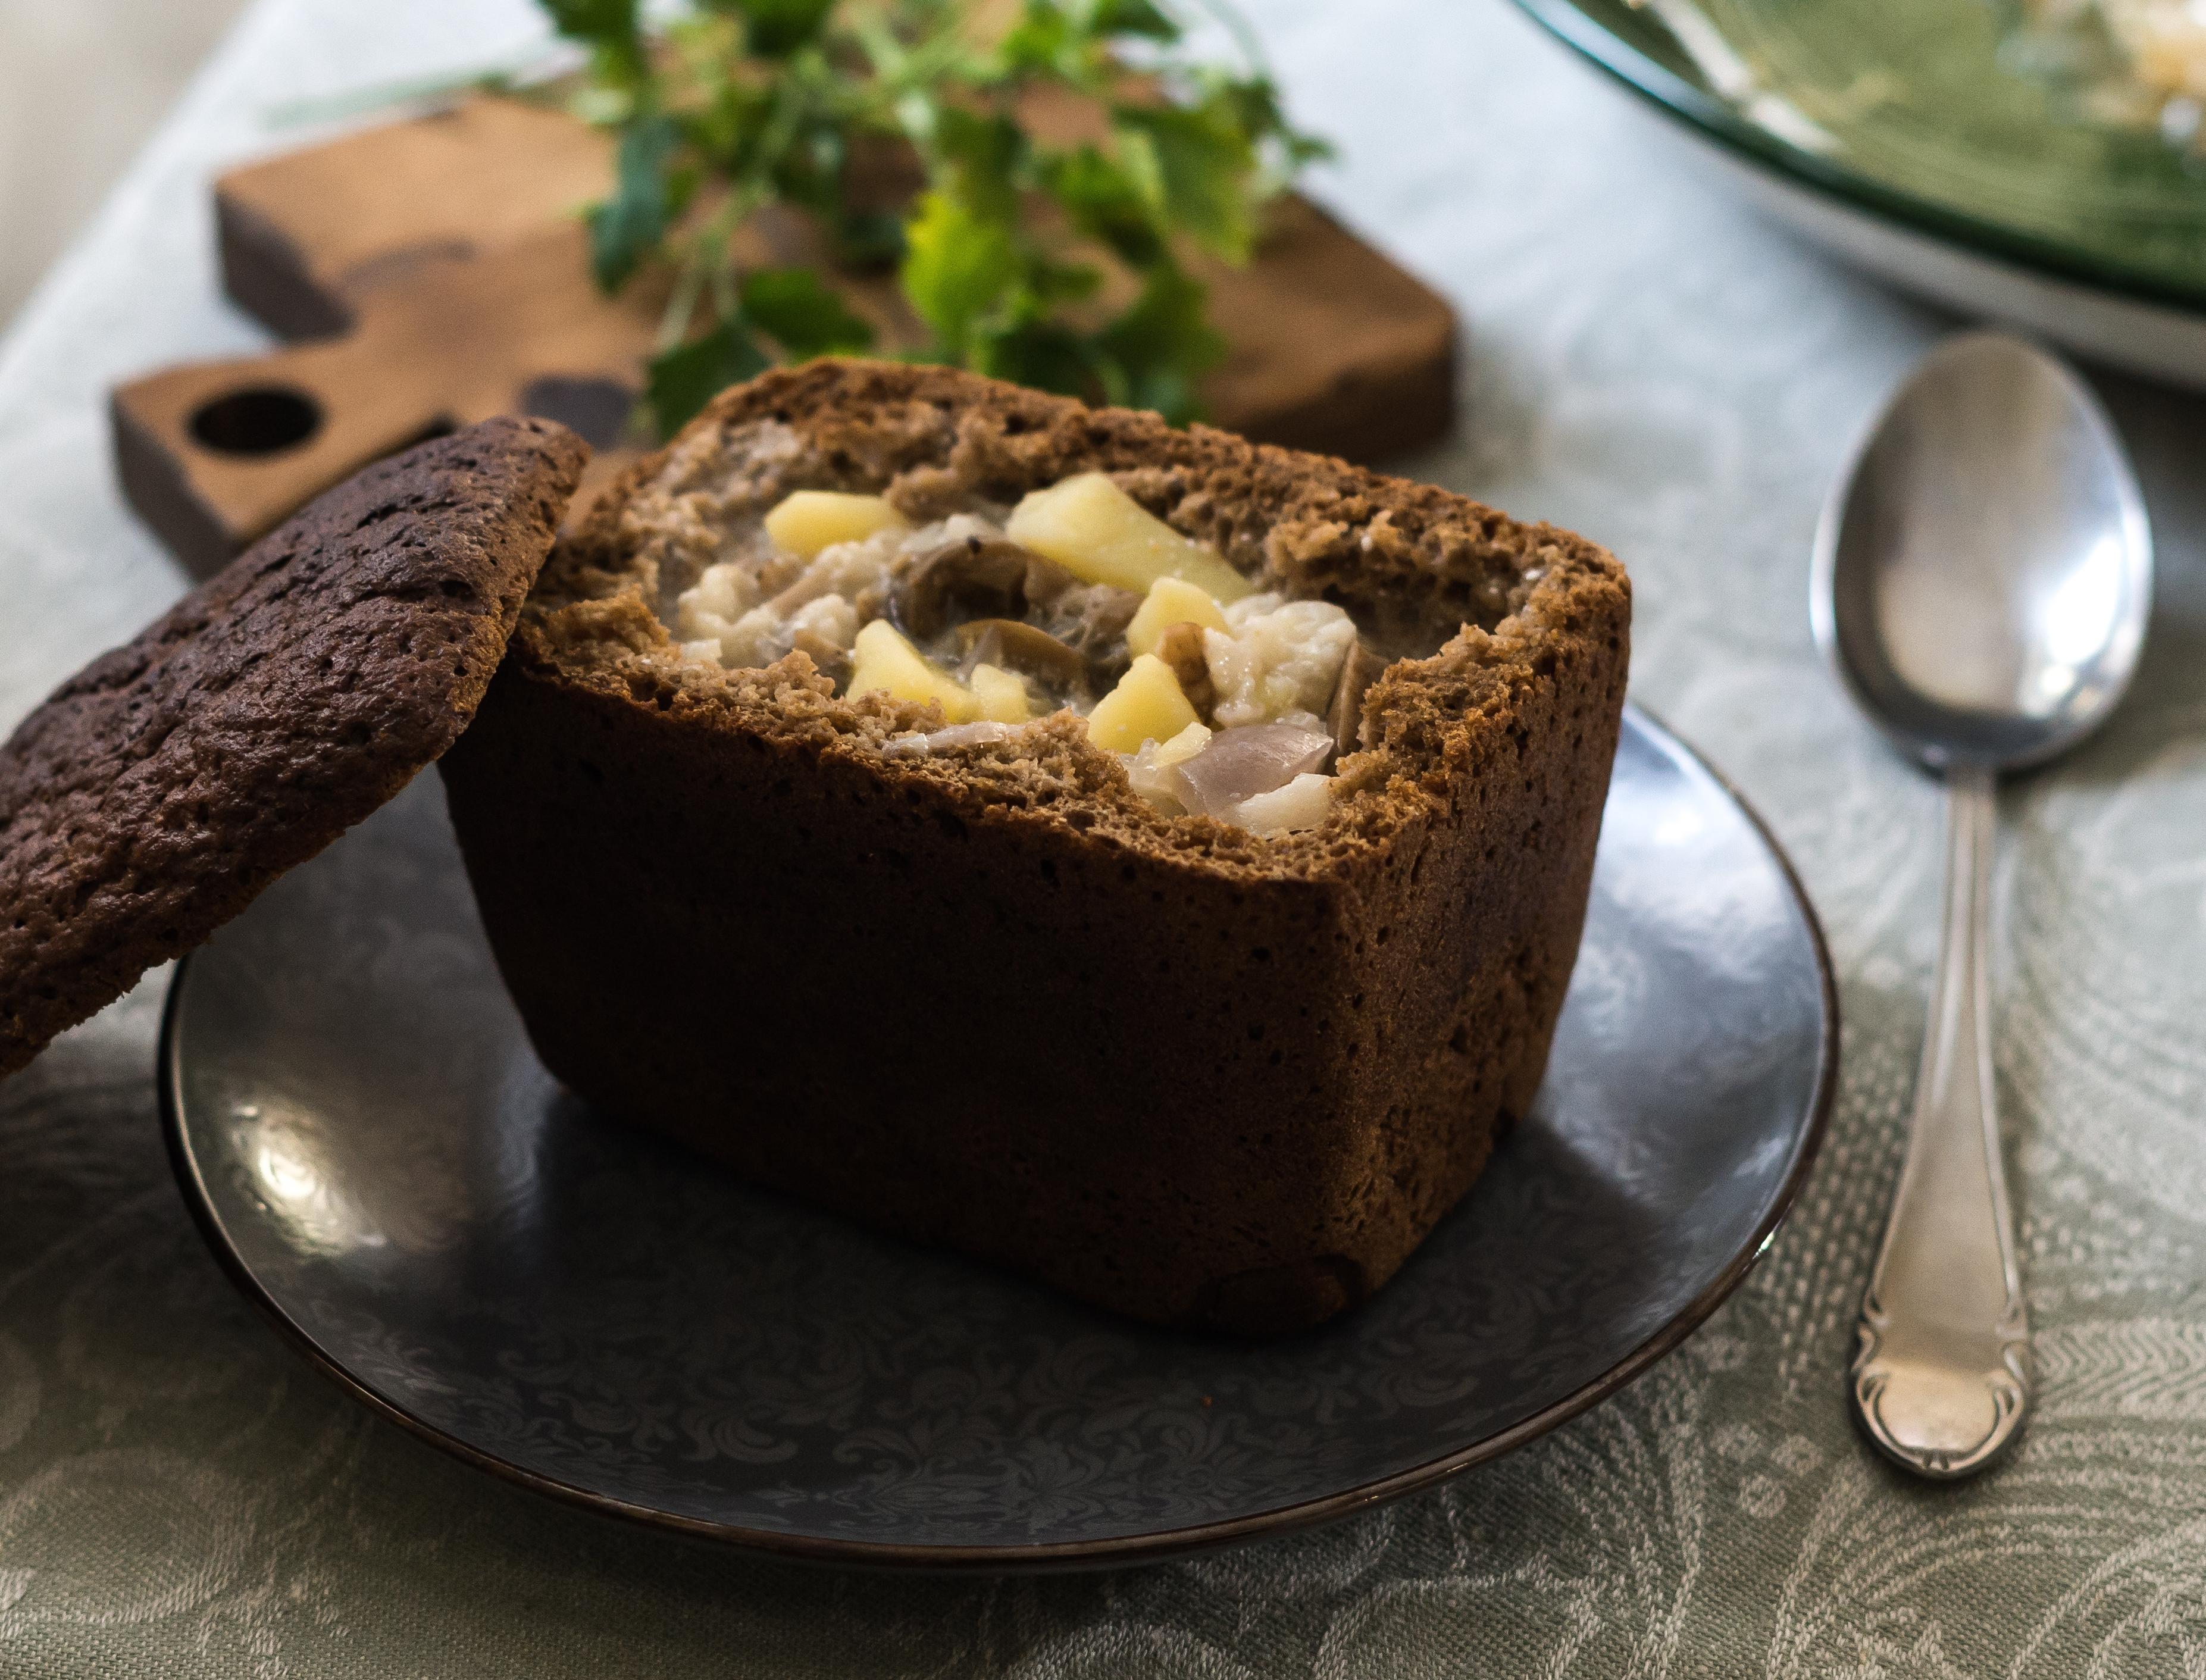 способов изготовления жаркое в хлебном горшочке рецепт с фото чаги сейчас